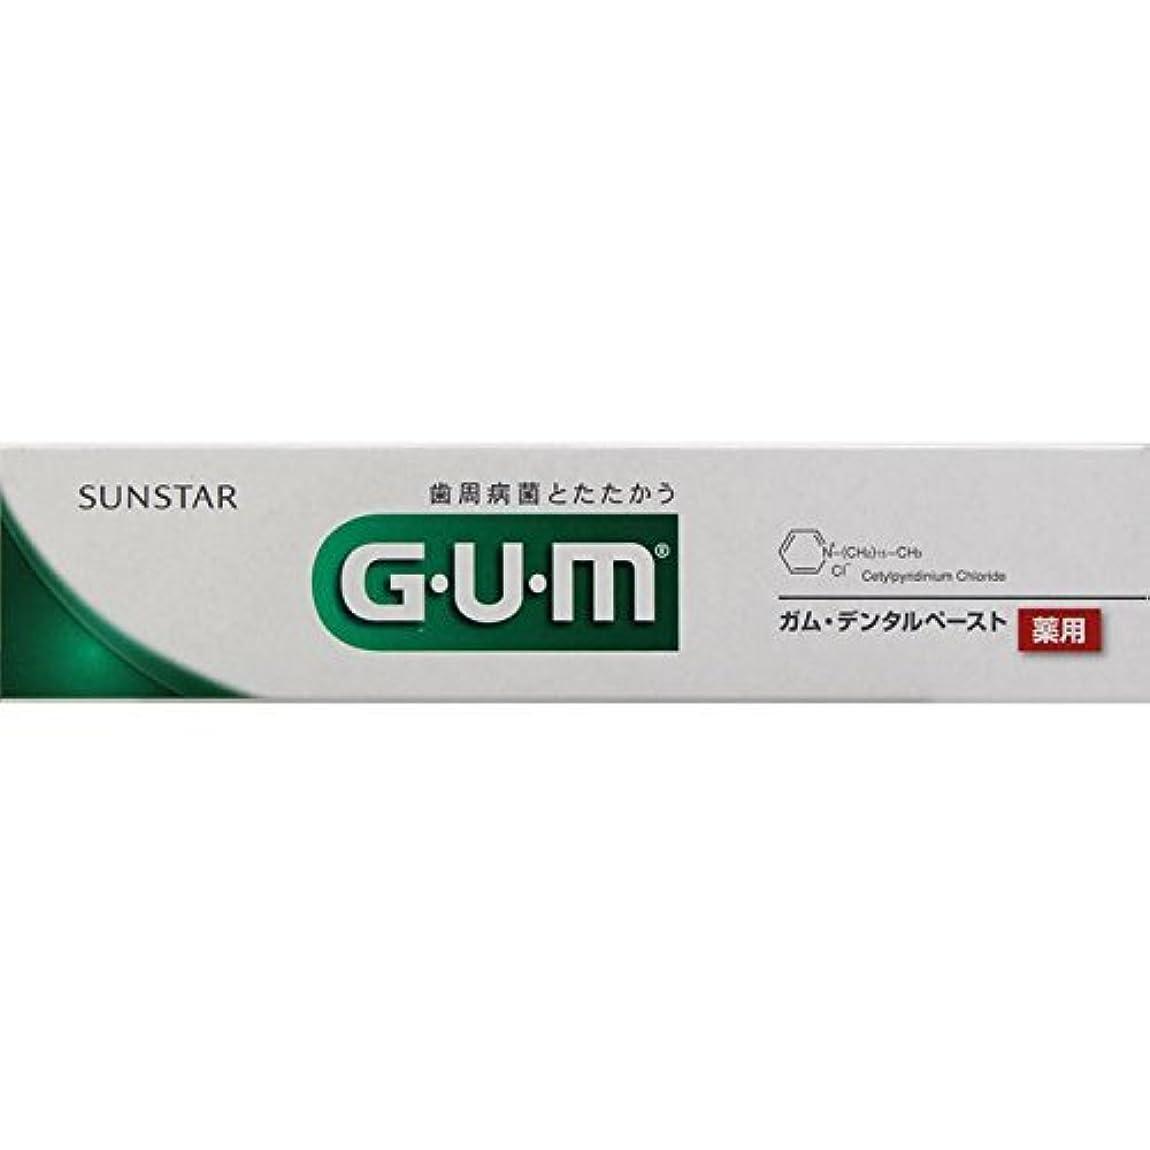 コンプライアンスウイルスつまらないGUM(ガム)?デンタルペースト 35g【医薬部外品】